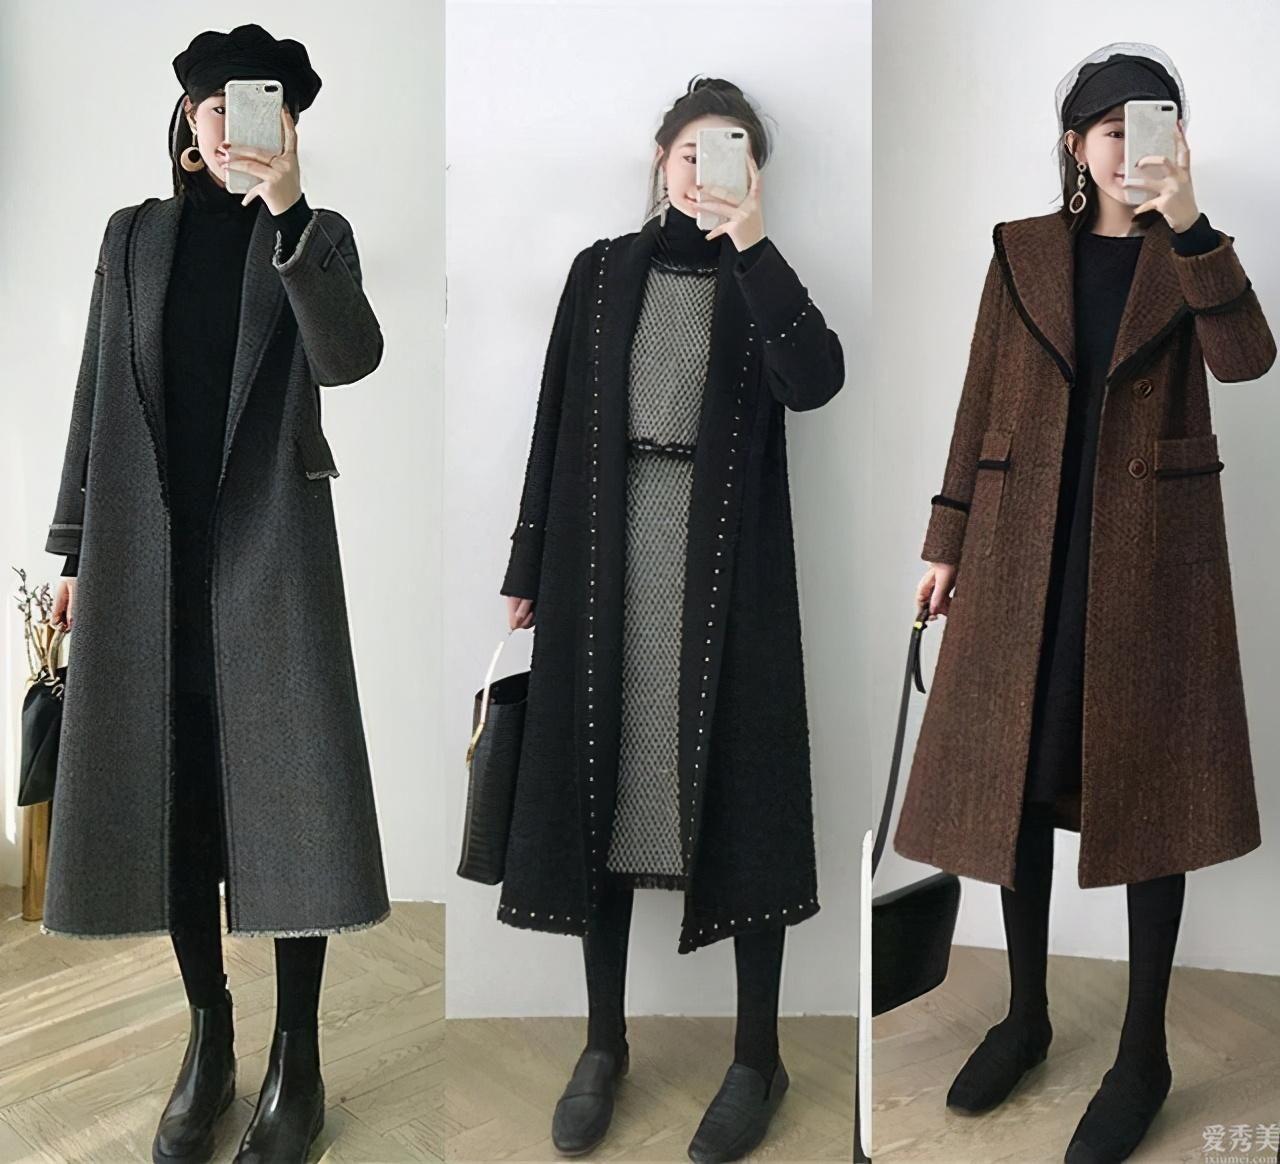 冬天科技感穿搭示范,一件大衣拿到輕熟風,知性又清雅